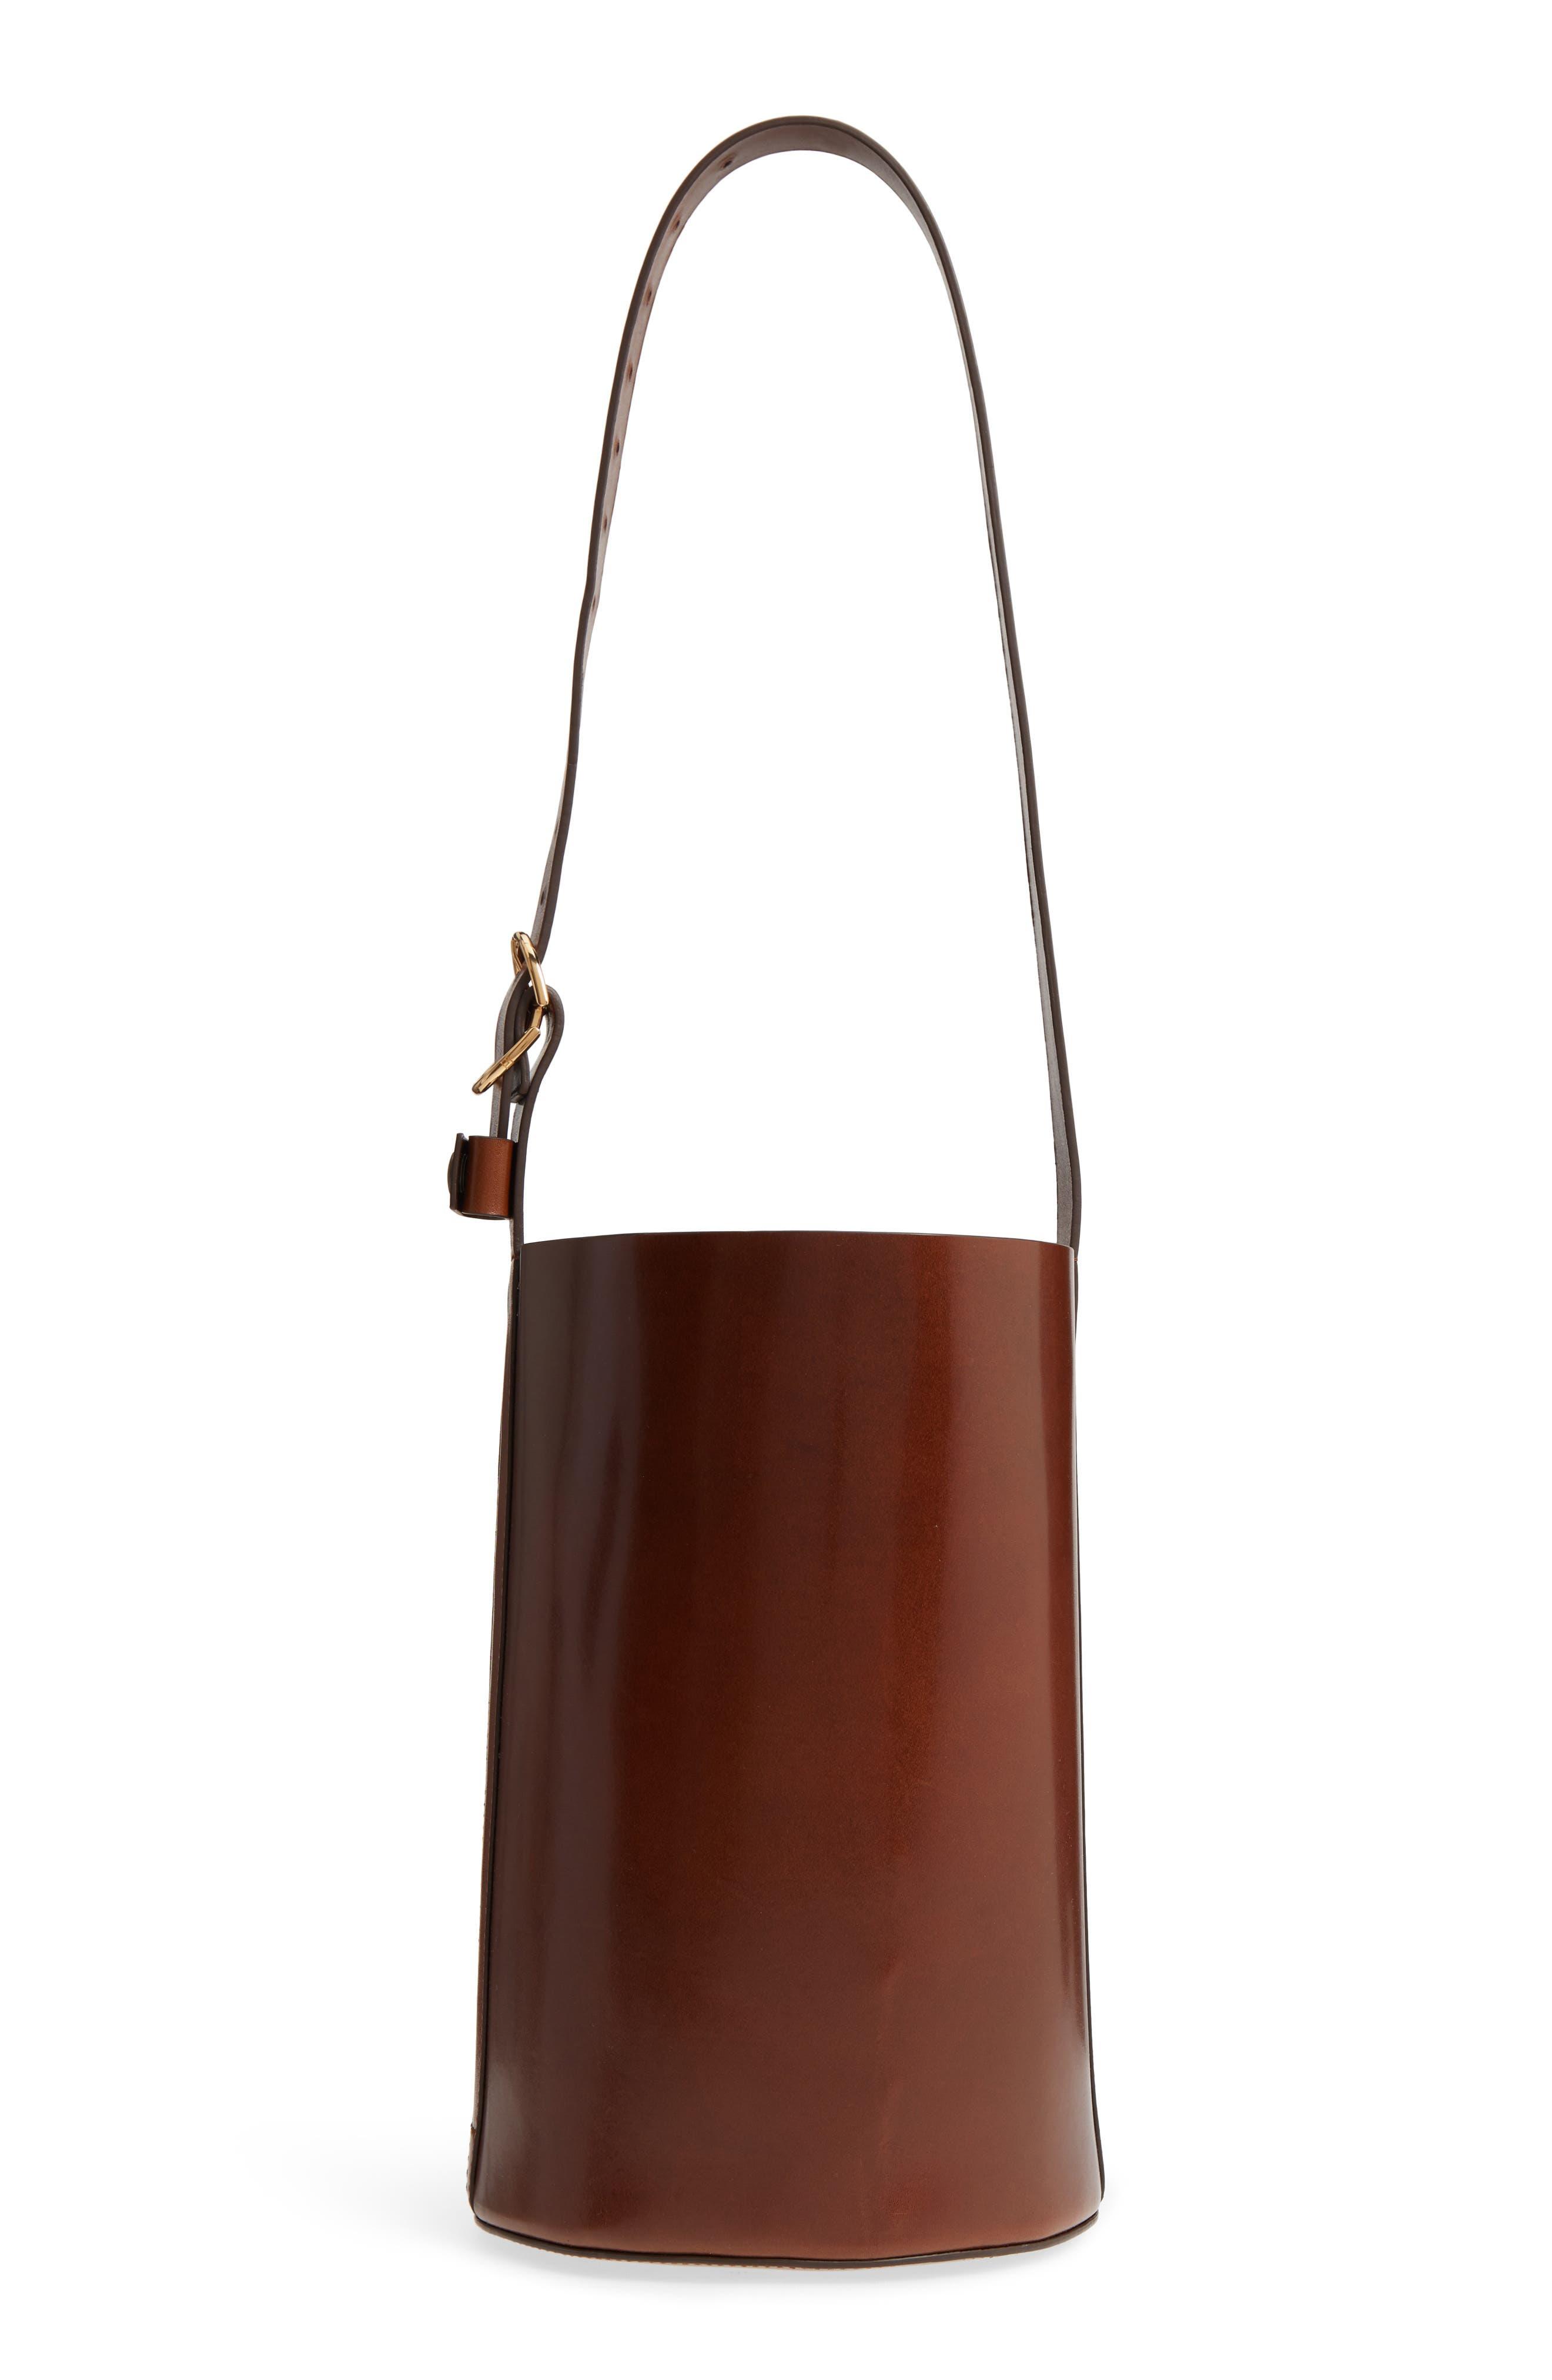 TRADEMARK Leather Bucket Bag